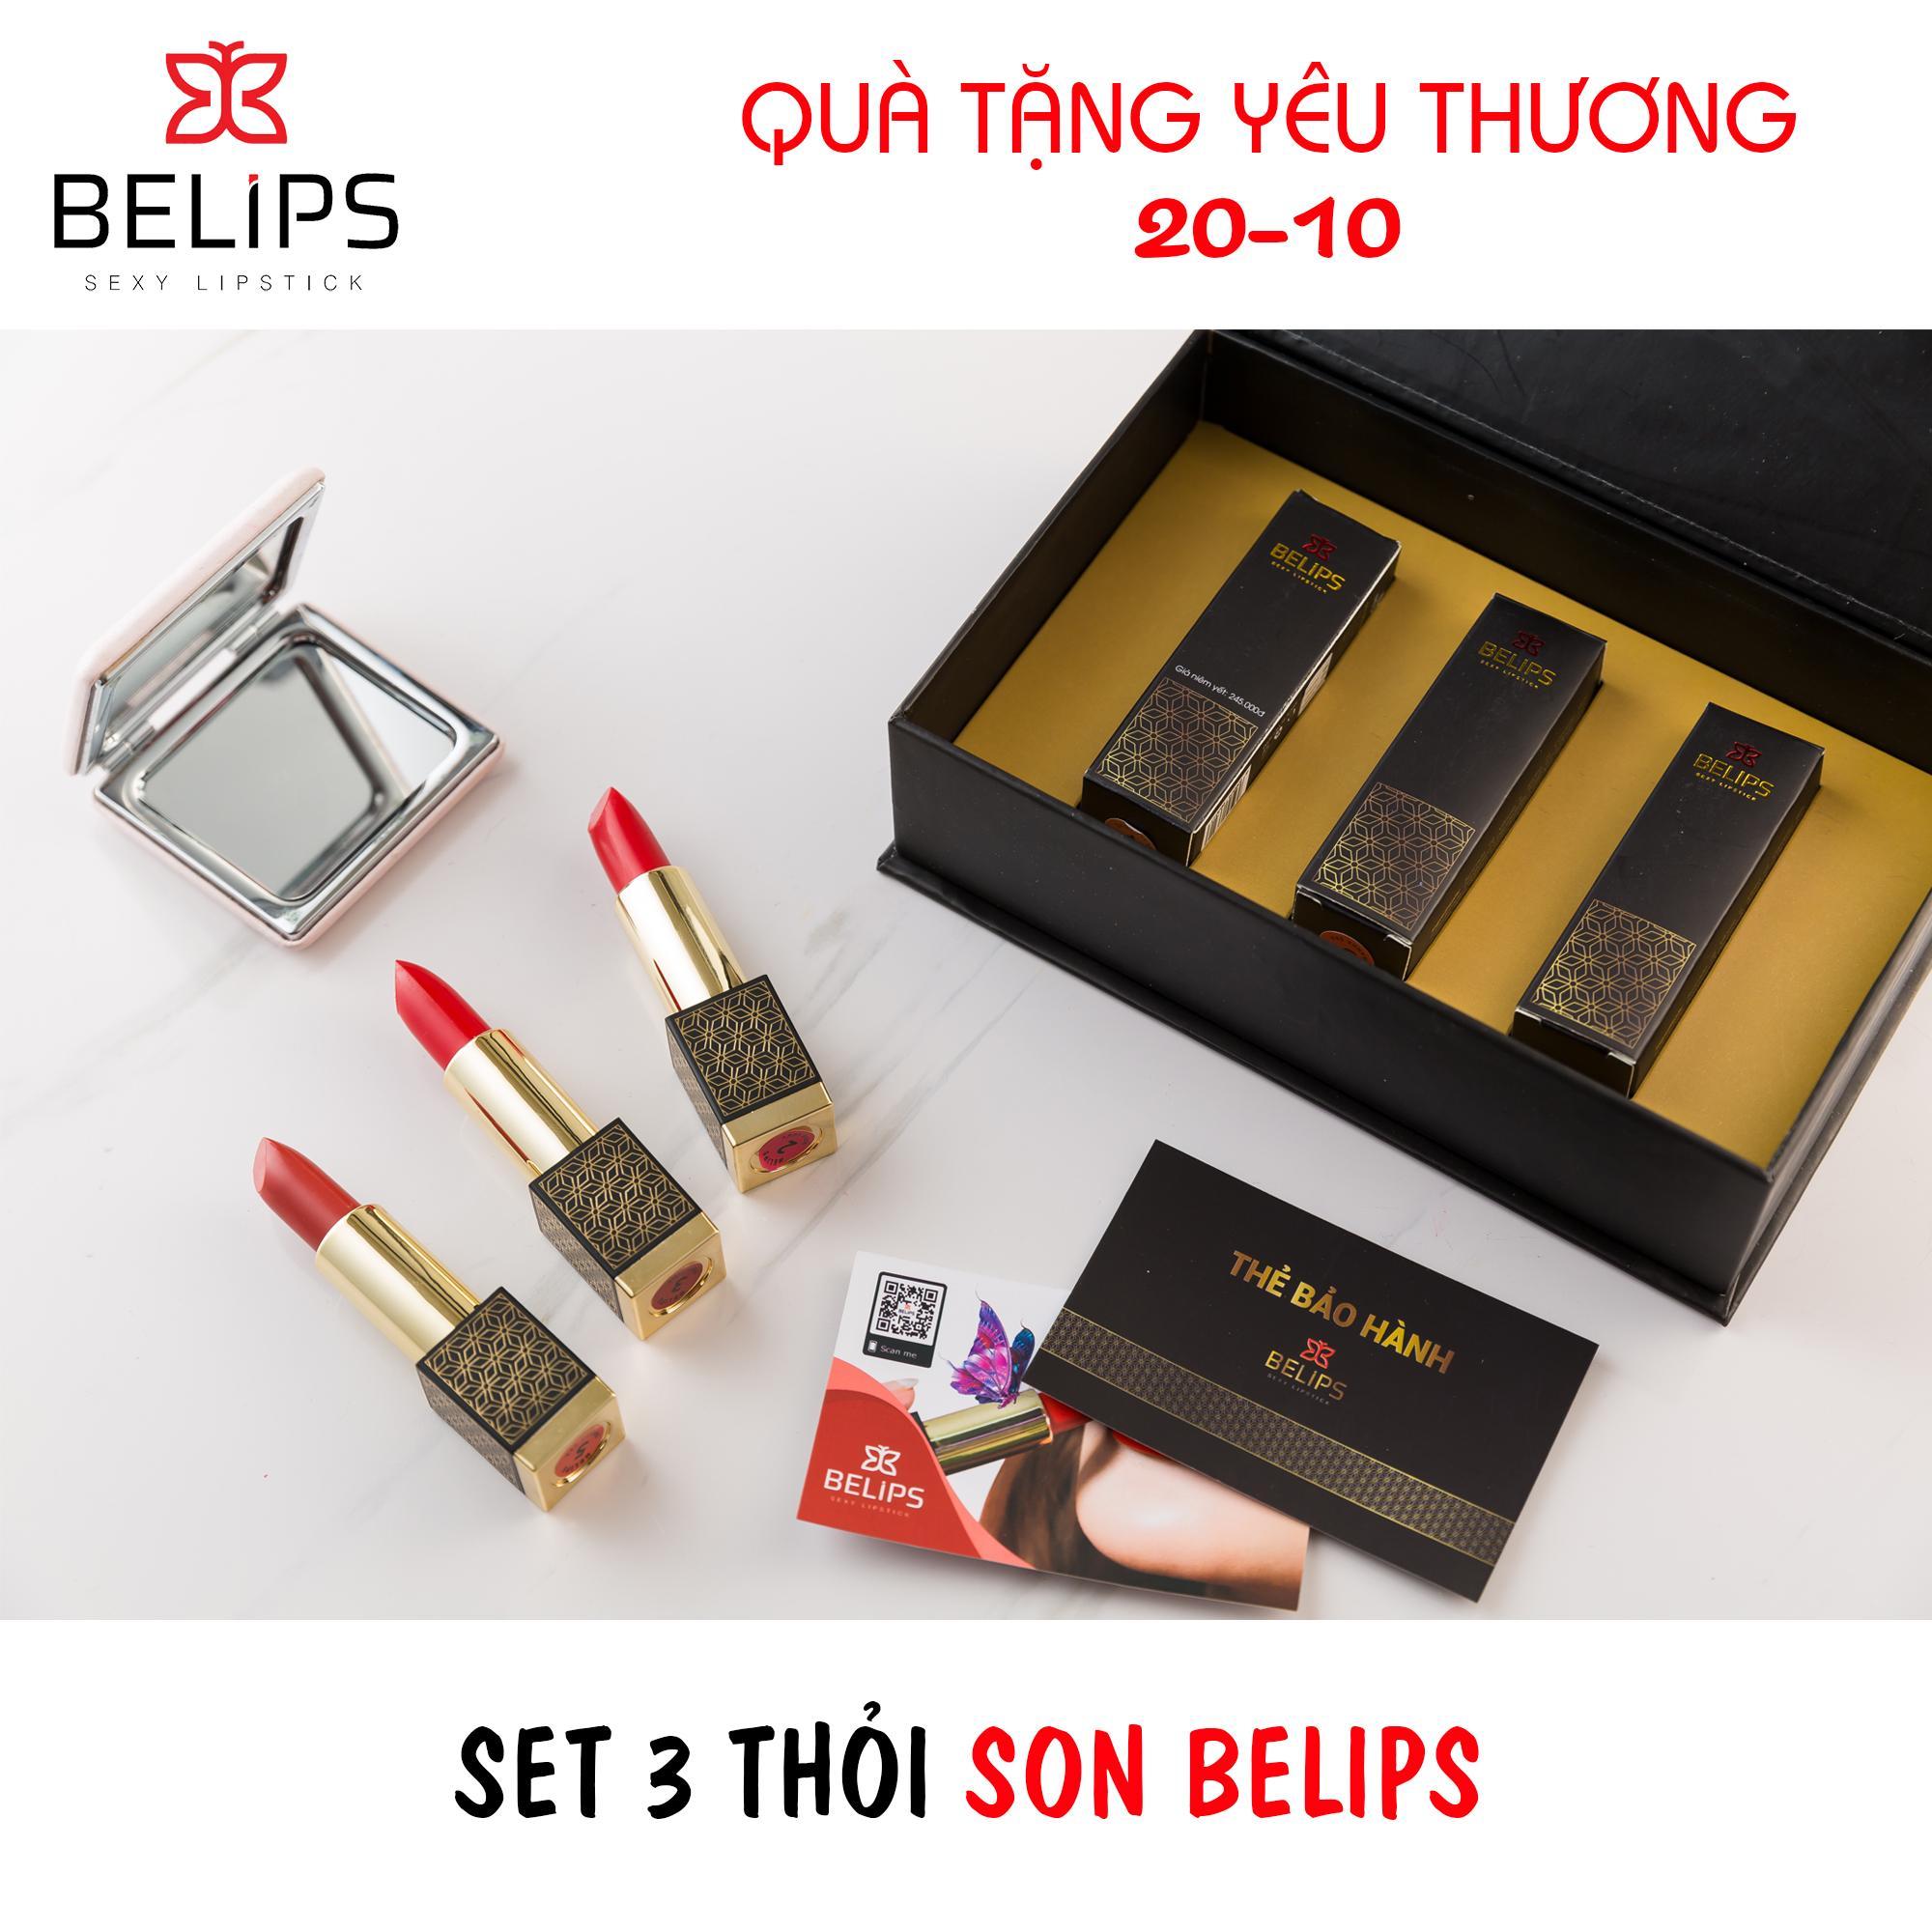 Hình ảnh Set son Belips 3 thỏi - Bộ quà tặng yêu thương - Son môi 100% thành phần tự nhiên, không chứa chì, bà bầu cũng dùng được